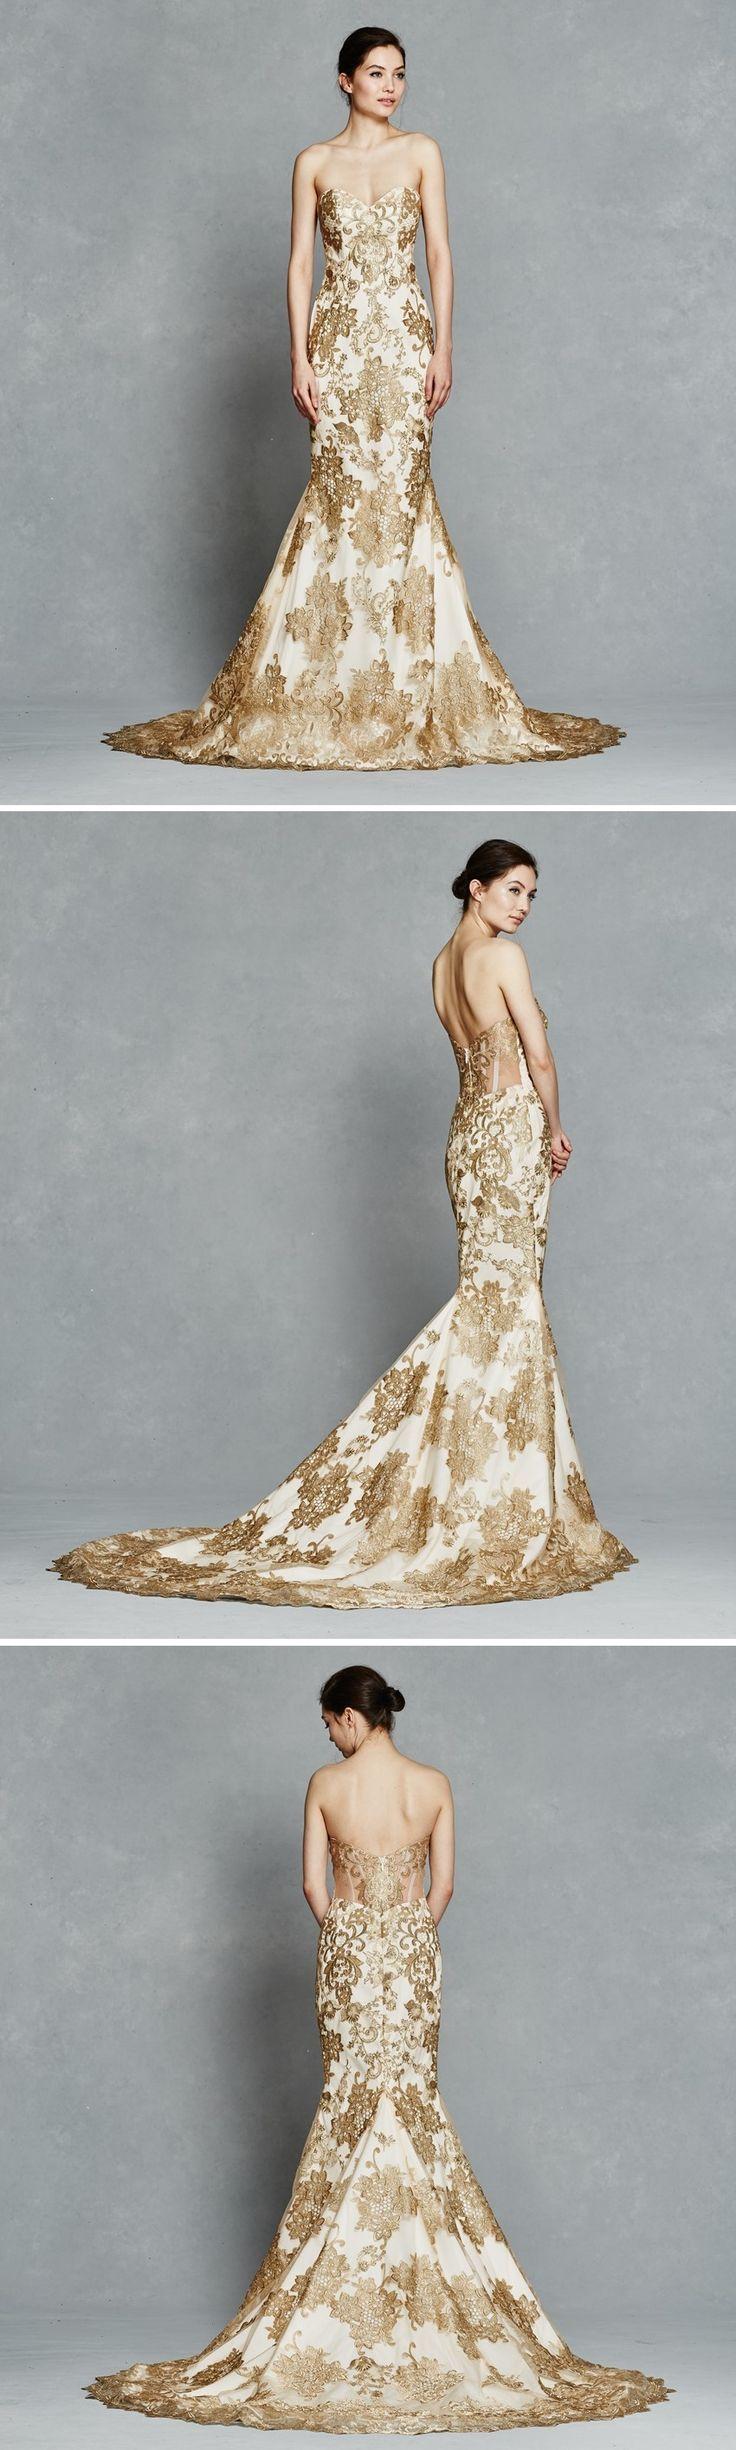 Beautiful Stunning Gold Lace Wedding Dress Gwendelyn by Kelly Faetanini